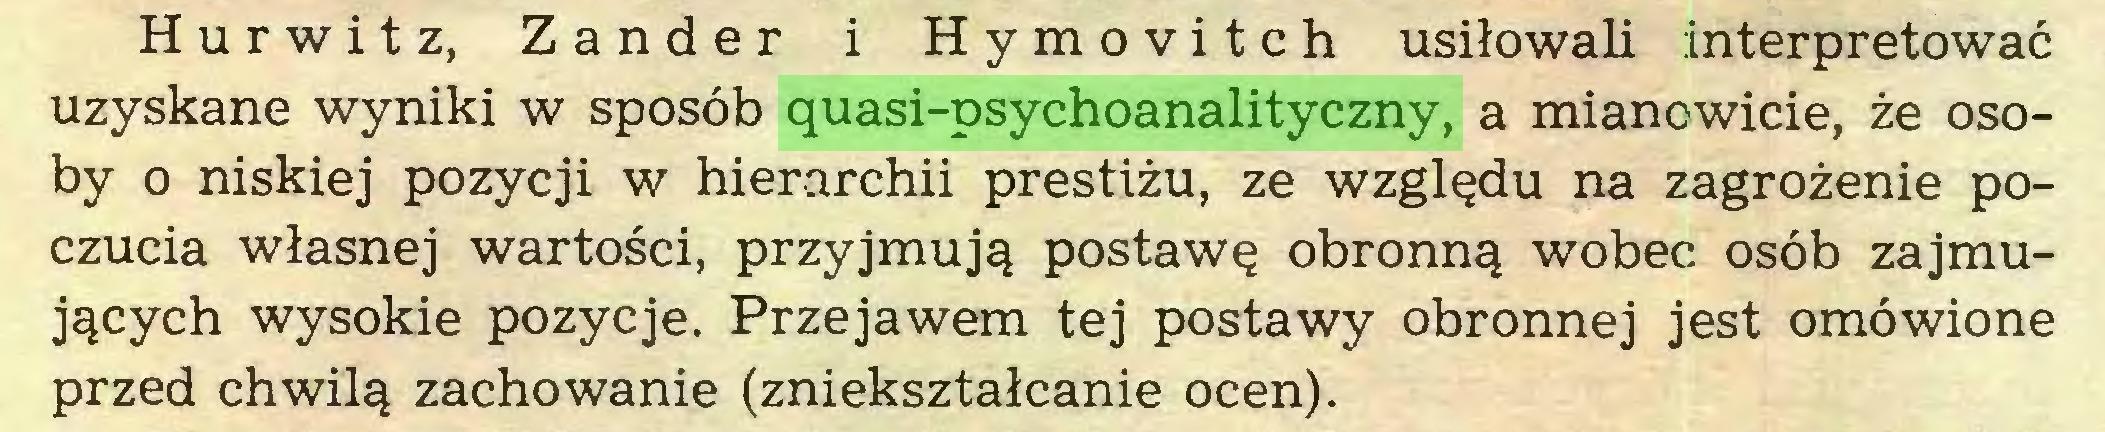 (...) Hurwitz, Zander i Hymovitch usiłowali interpretować uzyskane wyniki w sposób quasi-psychoanalityczny, a mianowicie, że osoby o niskiej pozycji w hierarchii prestiżu, ze względu na zagrożenie poczucia własnej wartości, przyjmują postawę obronną wobec osób zajmujących wysokie pozycje. Przejawem tej postawy obronnej jest omówione przed chwilą zachowanie (zniekształcanie ocen)...